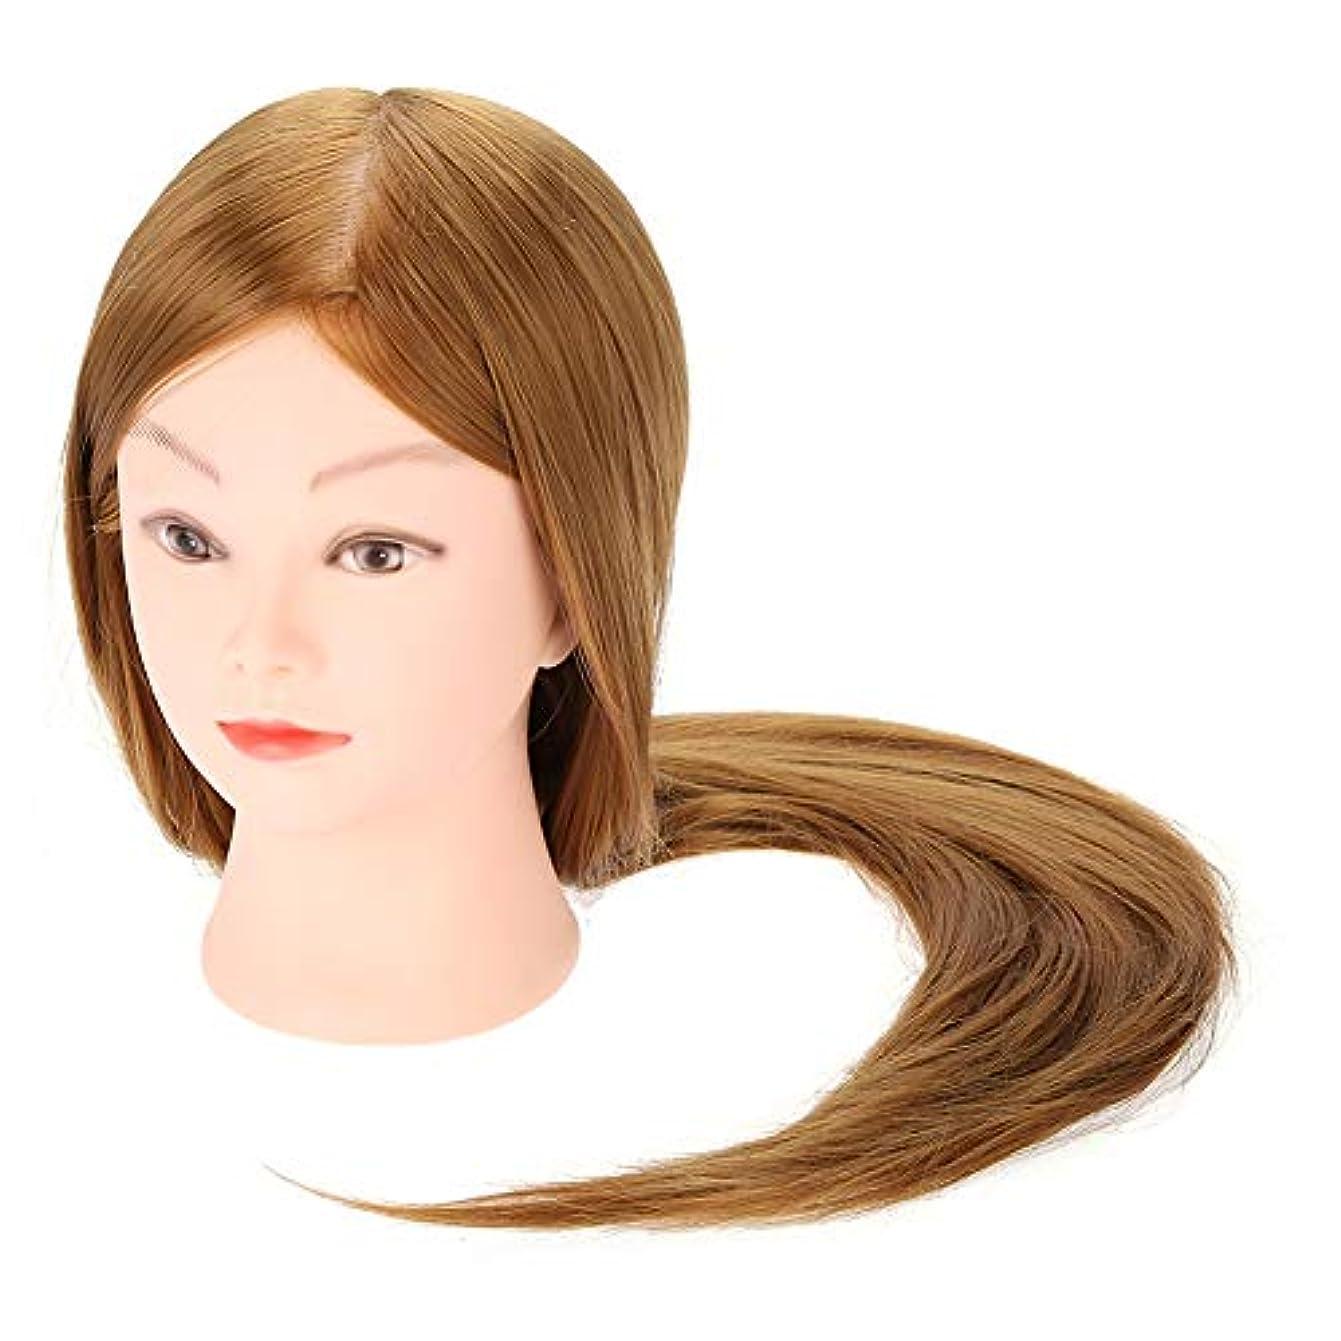 ギャロップパキスタン伝記ヘアトレーニングヘッド、 ヘアスタイリング 美容練習用ヘアスタイリングプラクティス ヘアドレッシング かつらマネキン